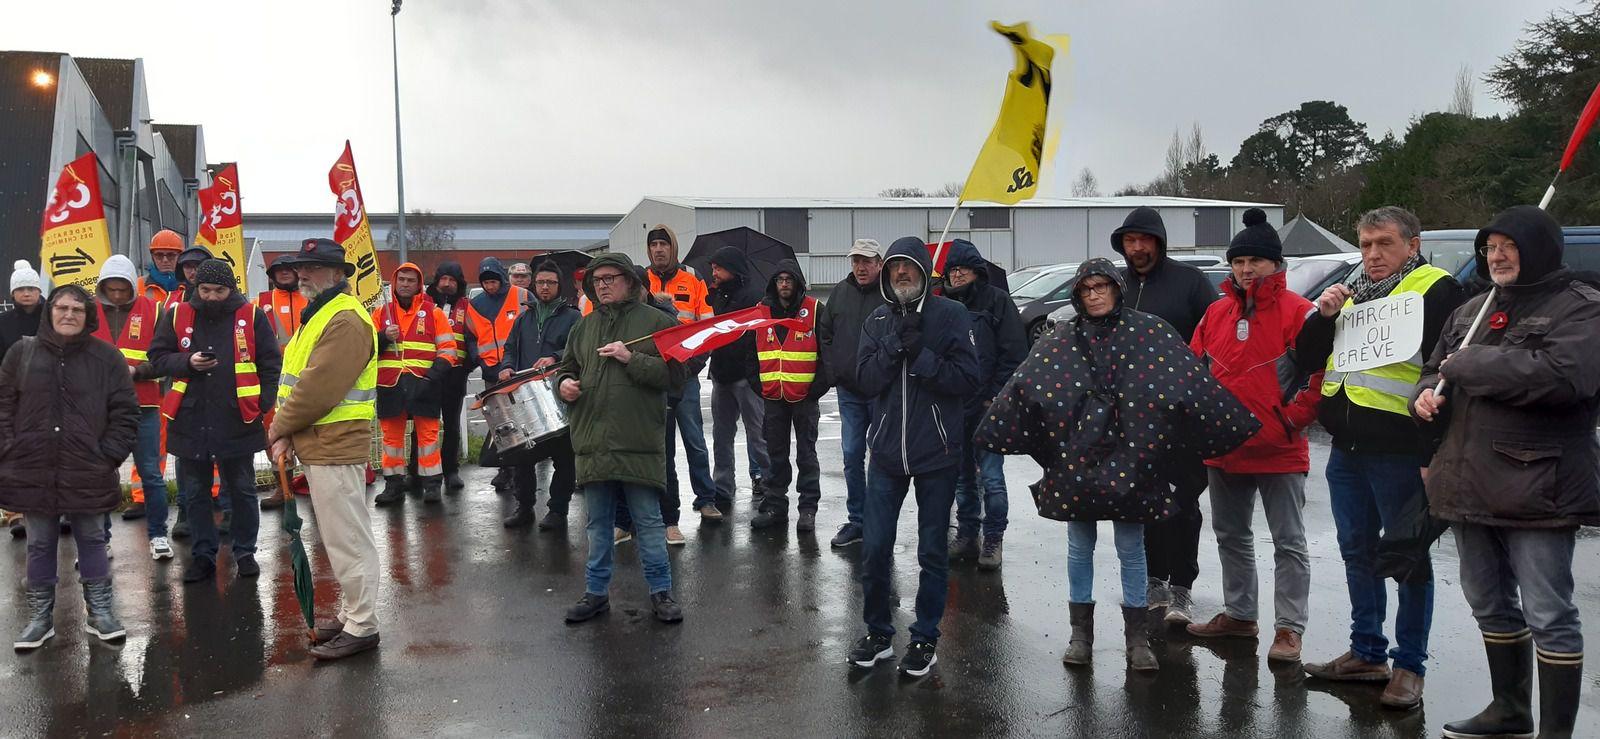 Mobilisation pour défendre nos retraites - Action du mardi 14 janvier à Morlaix à Langolvas - Photos de Jean-Luc Le Calvez